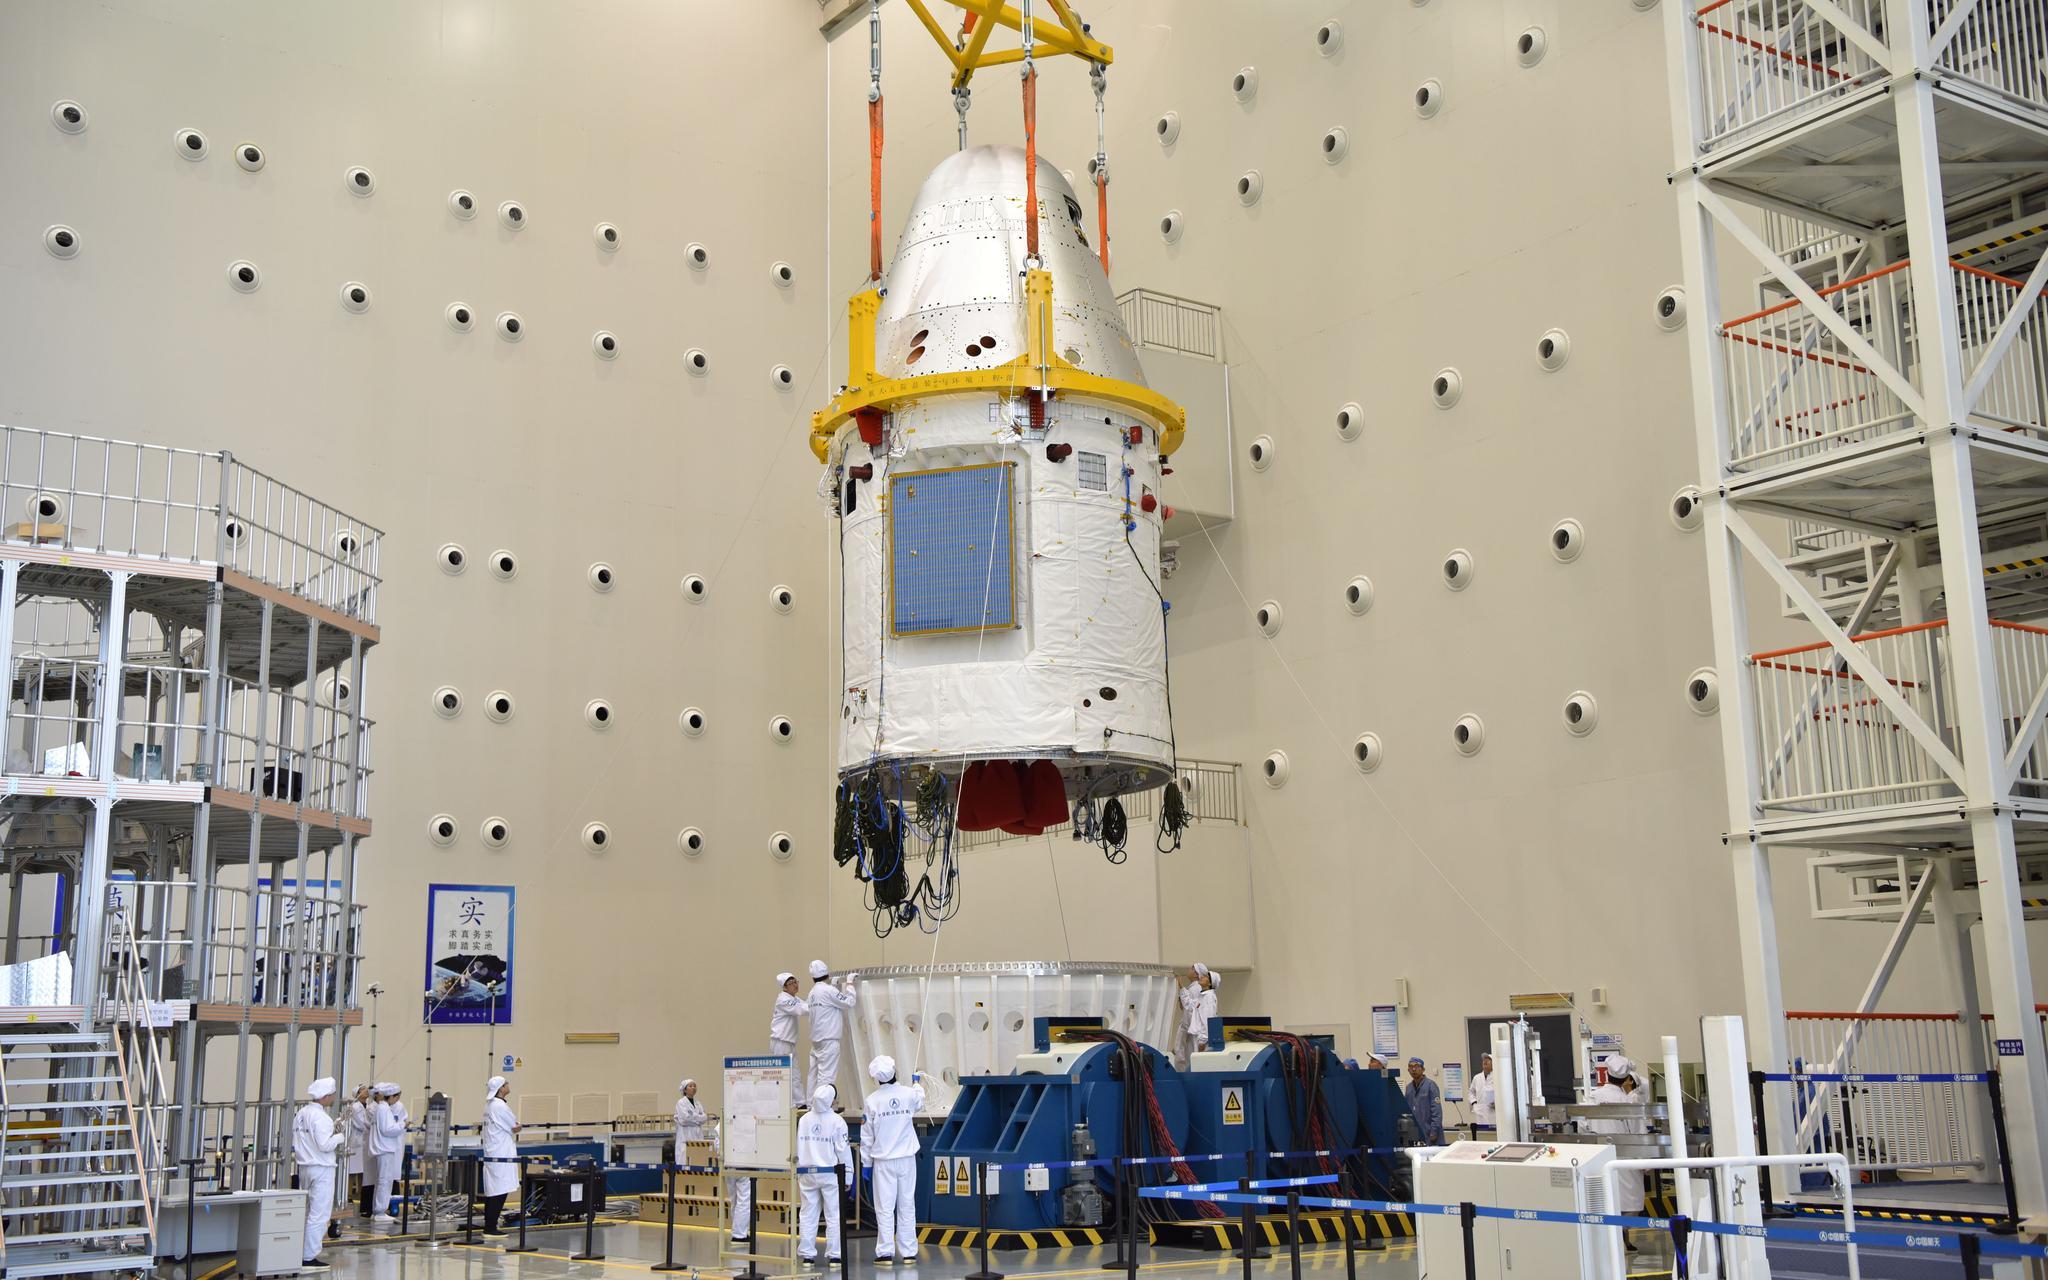 揭秘|新一代载人飞船试验船首飞,可运送6-7名航天员图片